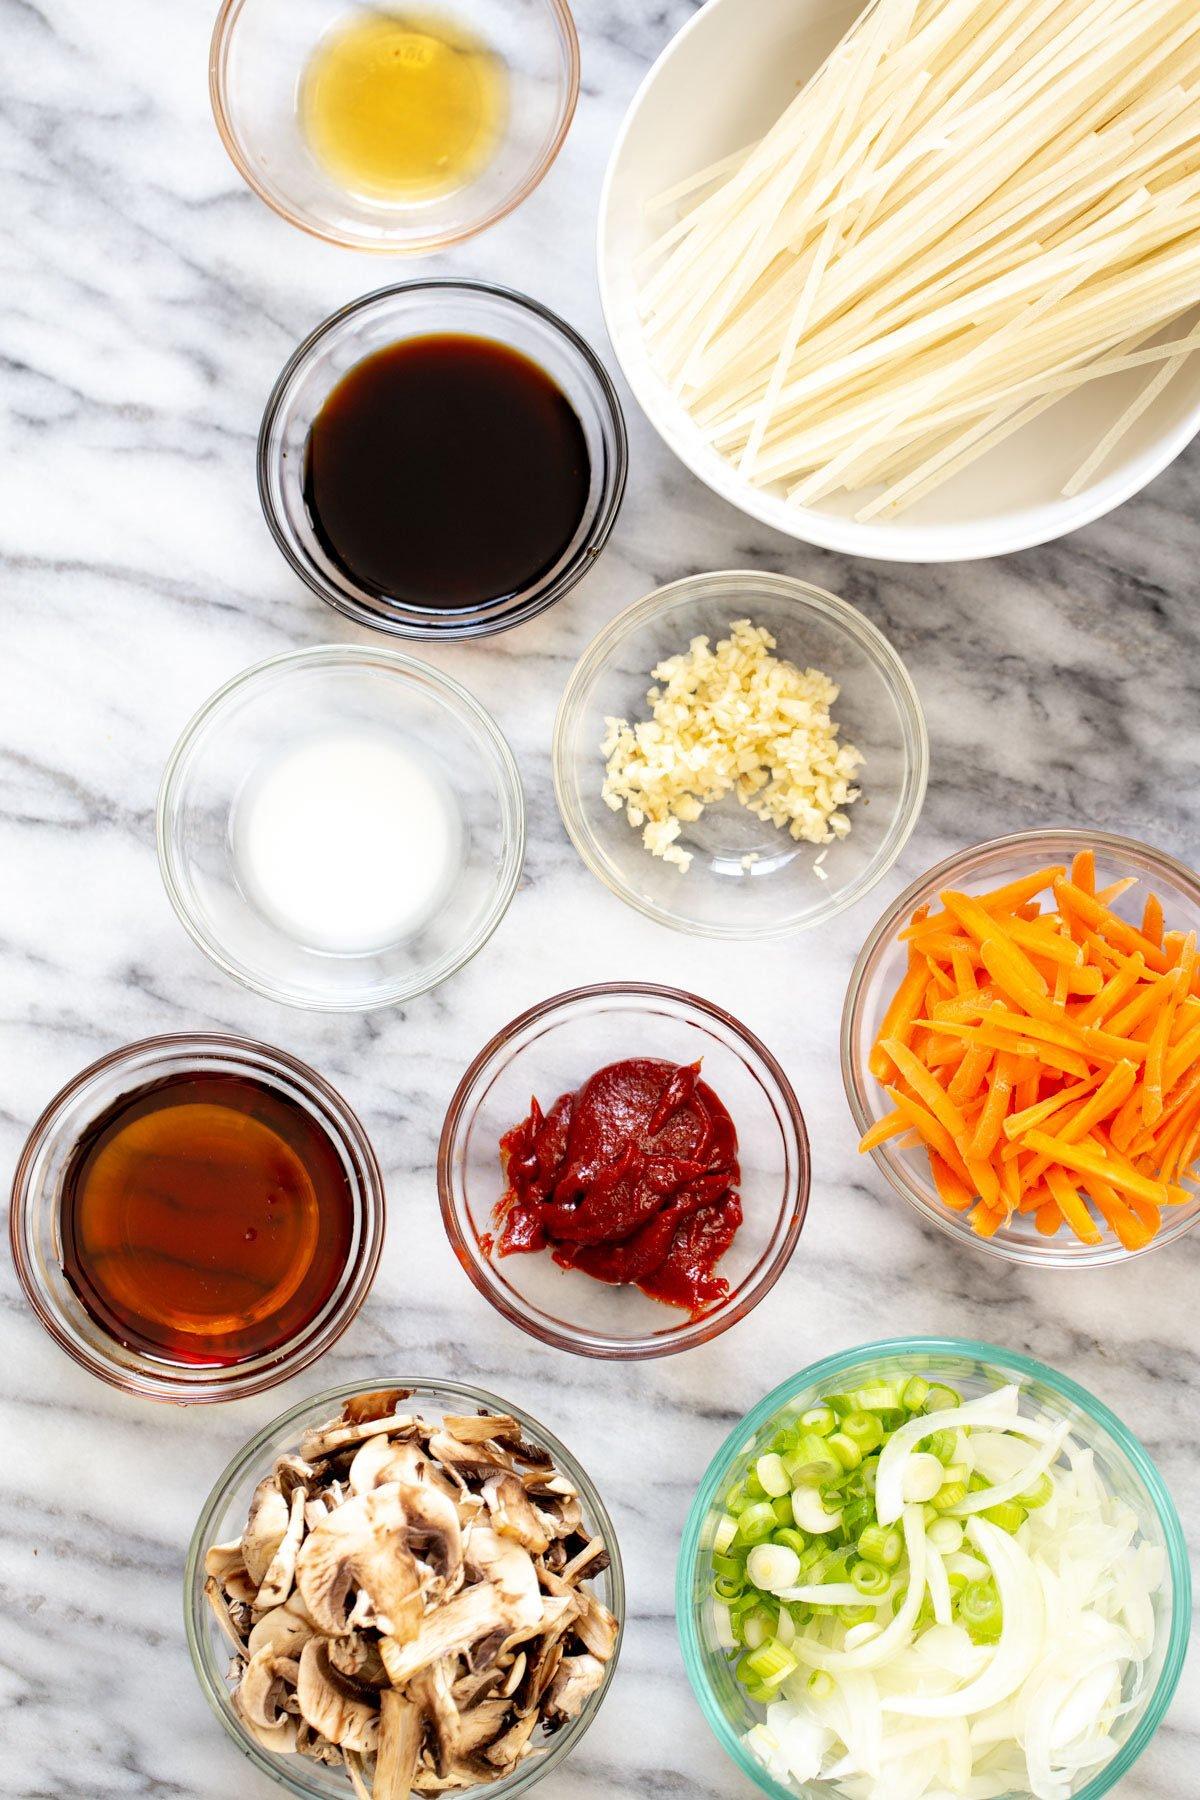 ingredients for Korean Gochujang Noodles